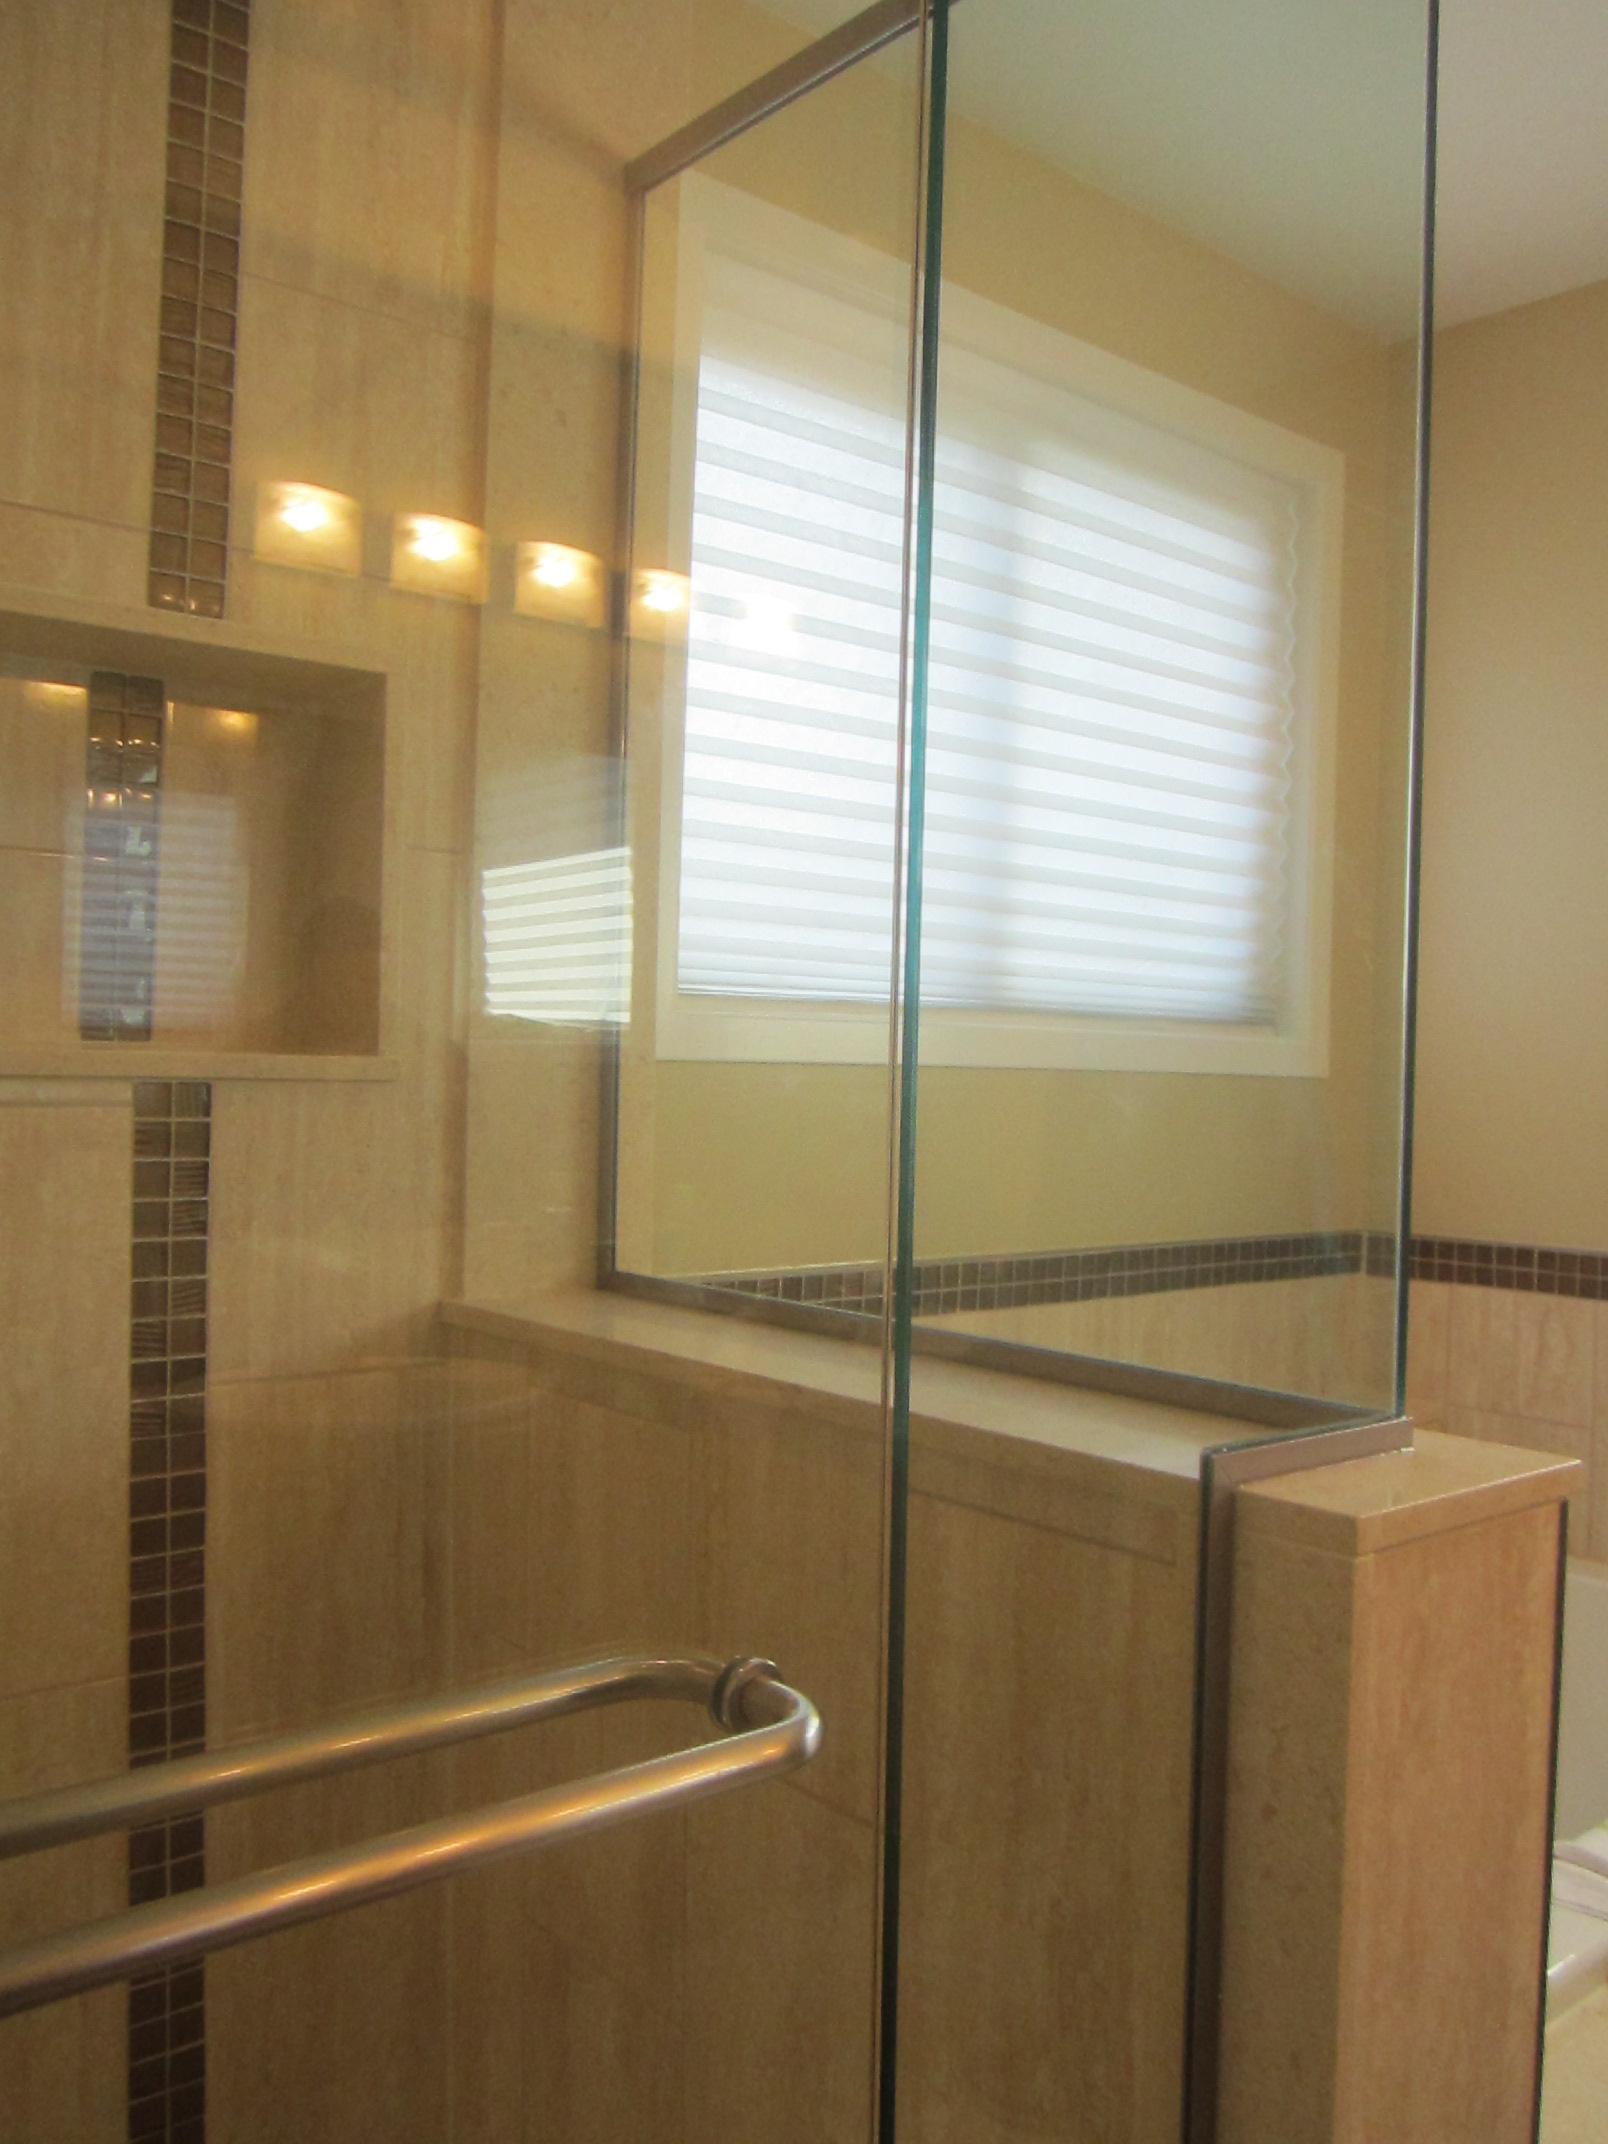 M3 Renovation Services - Rénovation de salles de bains - 613-422-2329